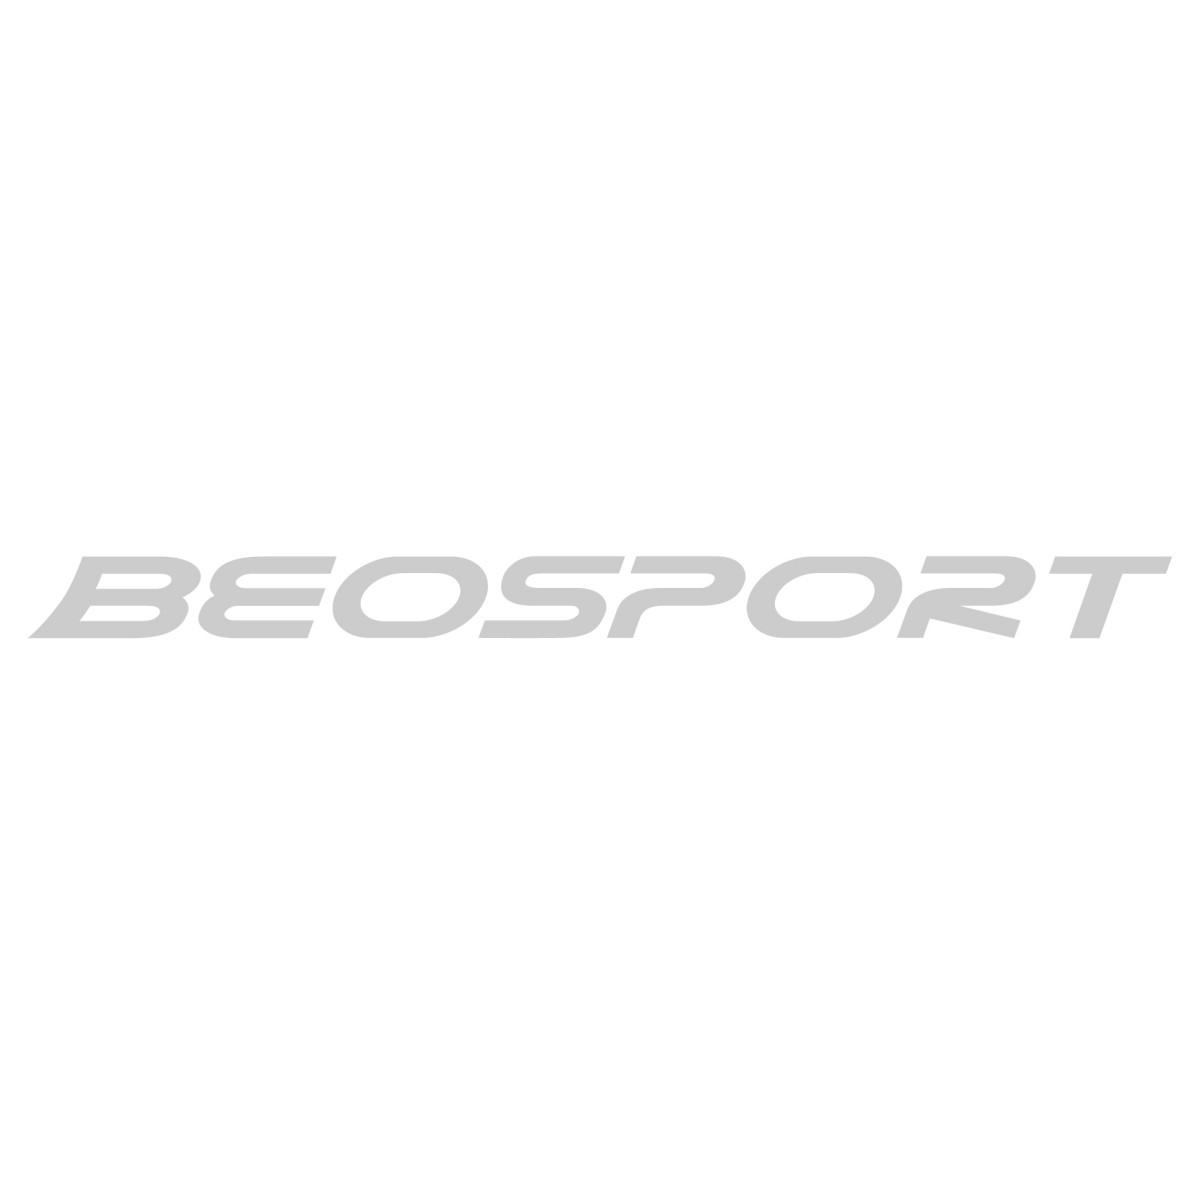 Wilson Scenic Tech majica